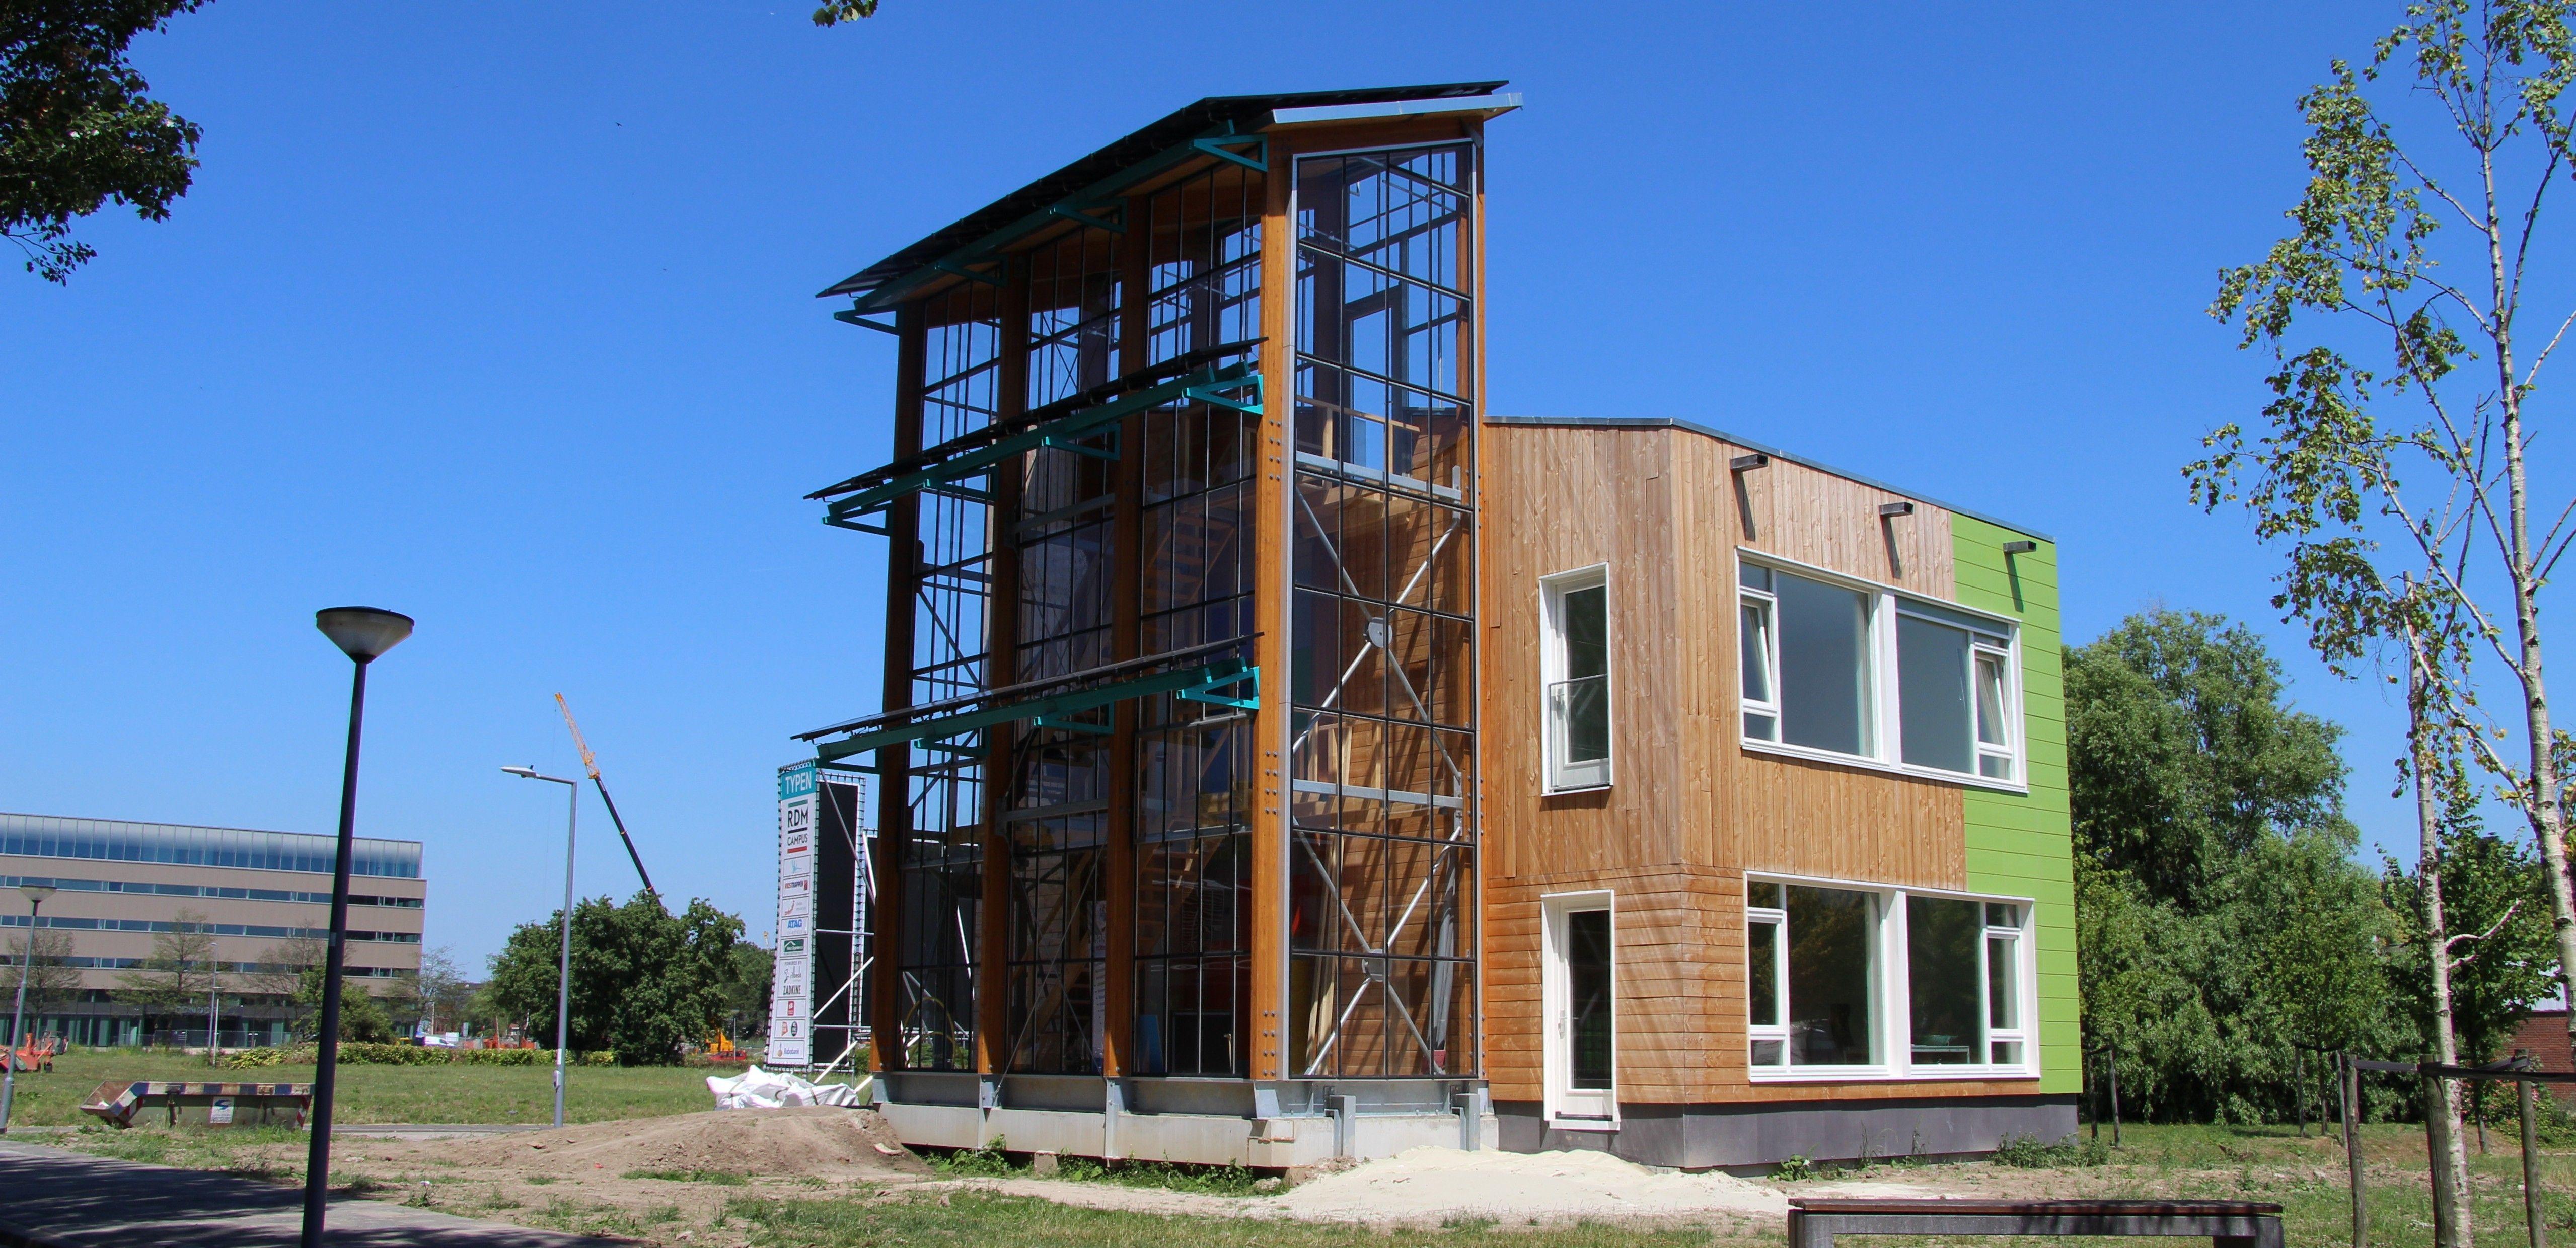 Duurzaam woningbouwproject: Karimunstraat, Rotterdam Heijplaat